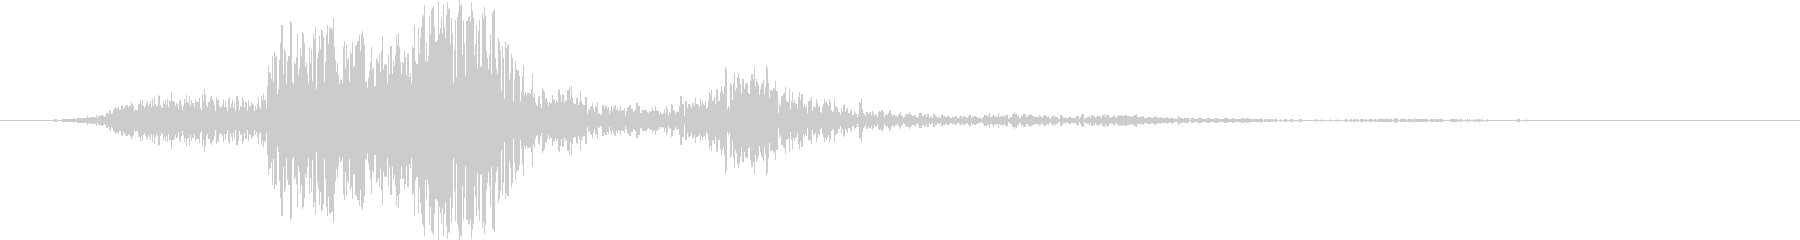 ウーシュサブアンドディープシェーキング2の未再生の波形